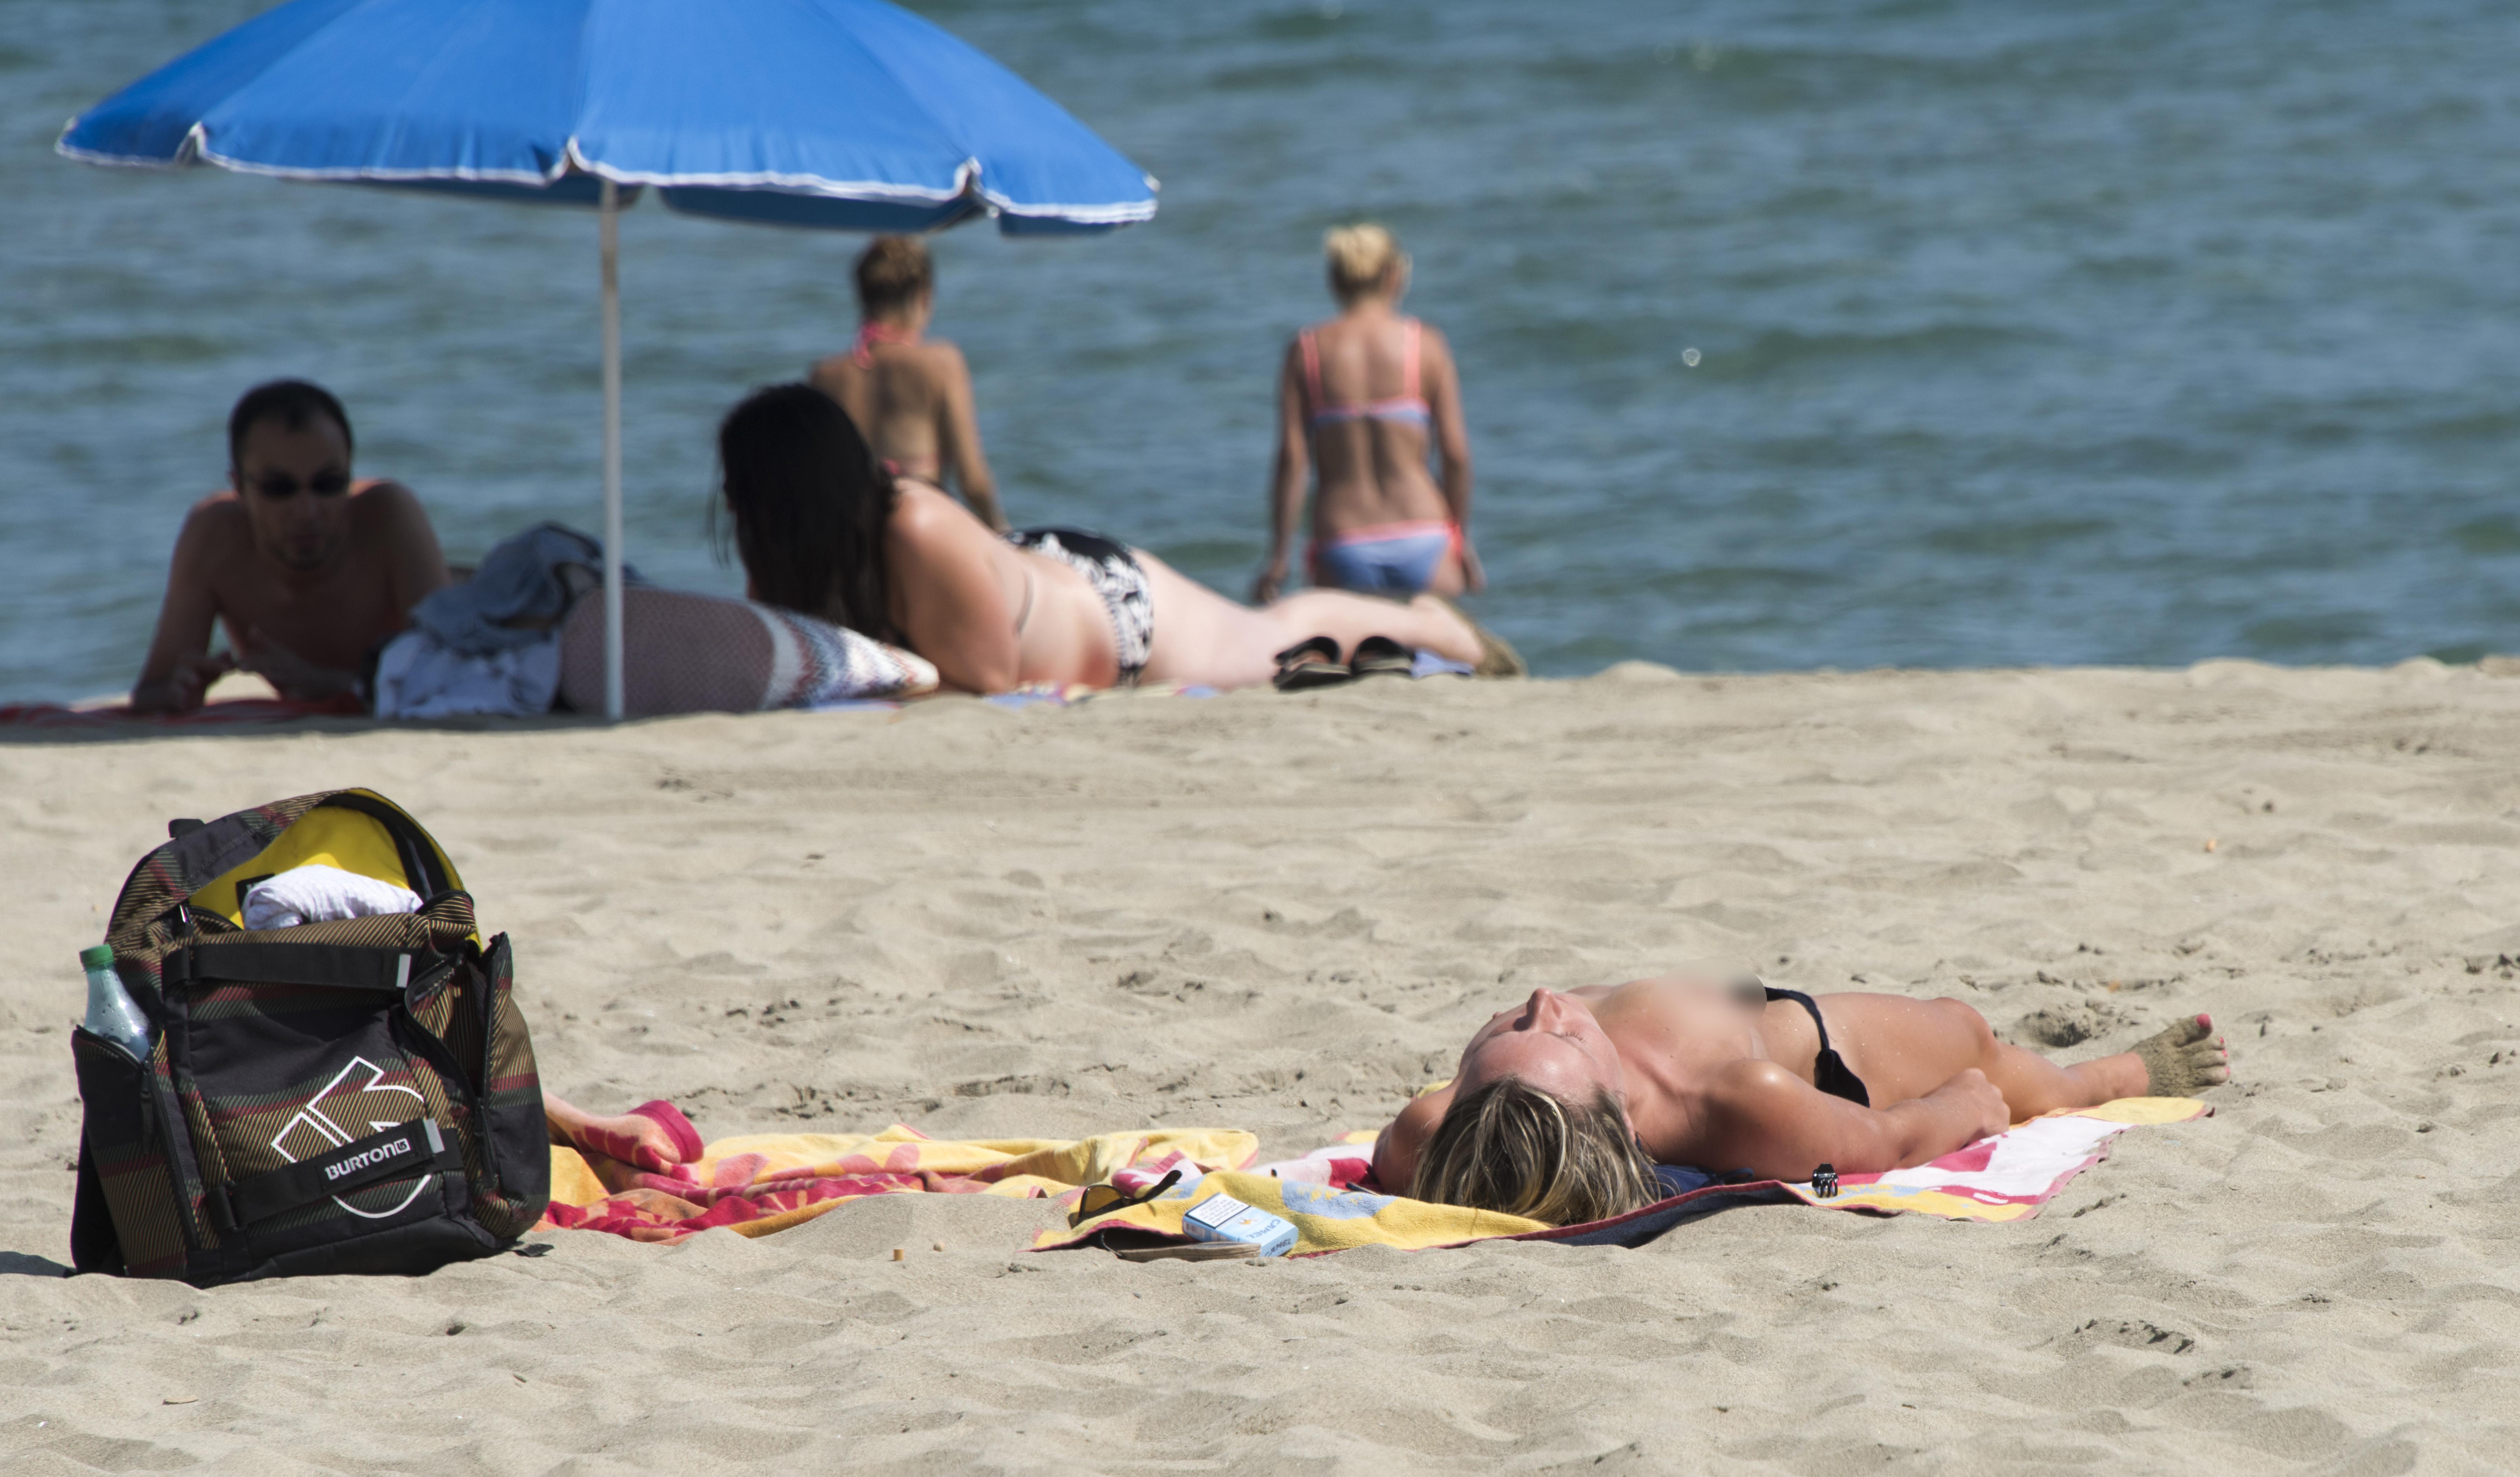 De ce se tem franţuzoaicele să mai facă plajă topless